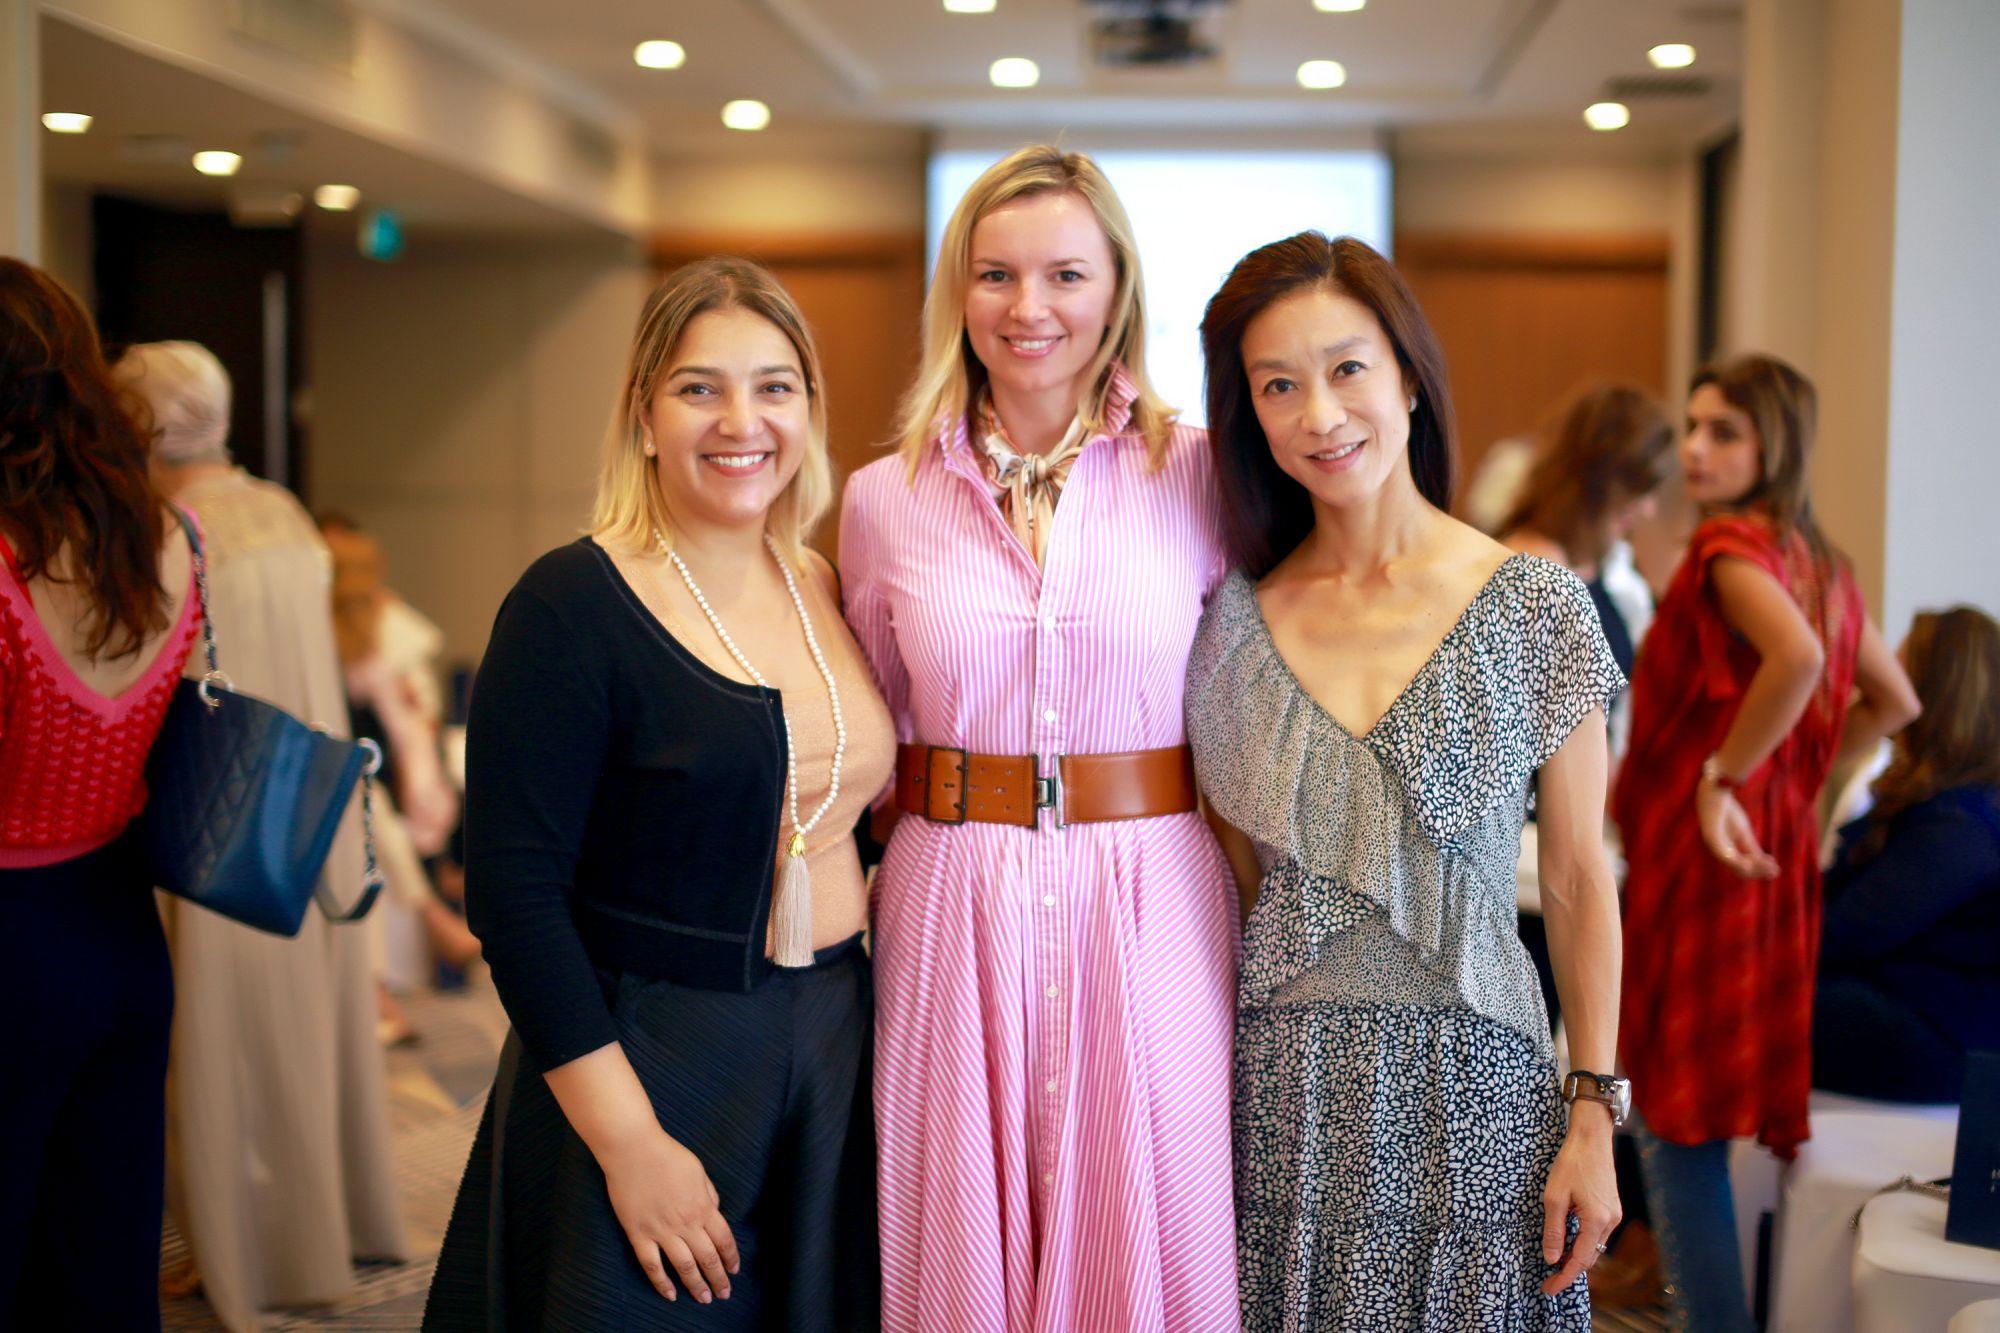 Anita Chugtai, Valentina Doncevic, Rebecca Woo